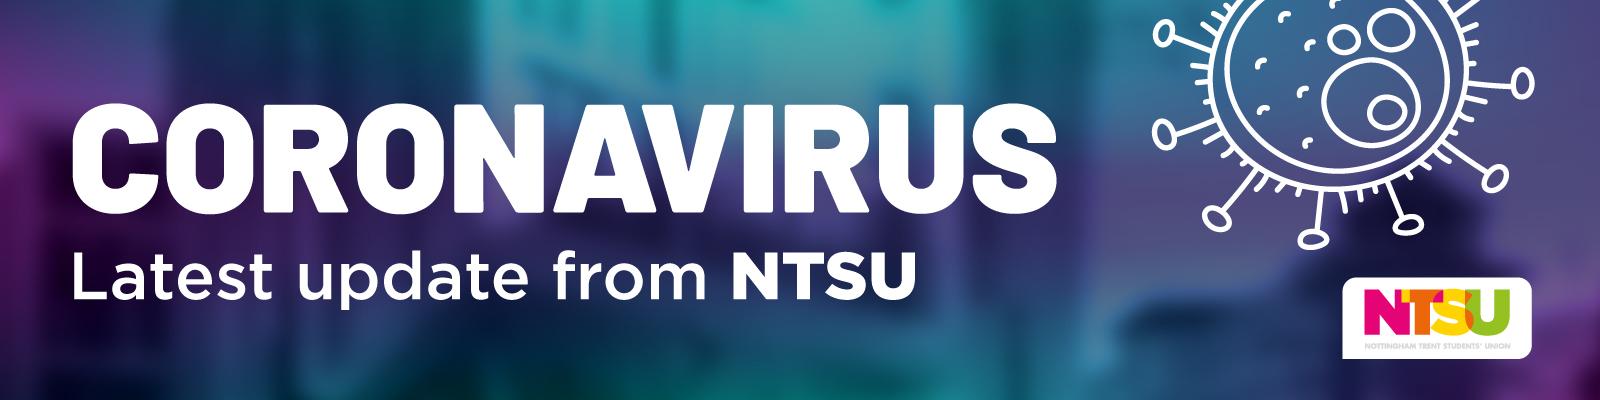 Coronavirus Latest update from NTSU